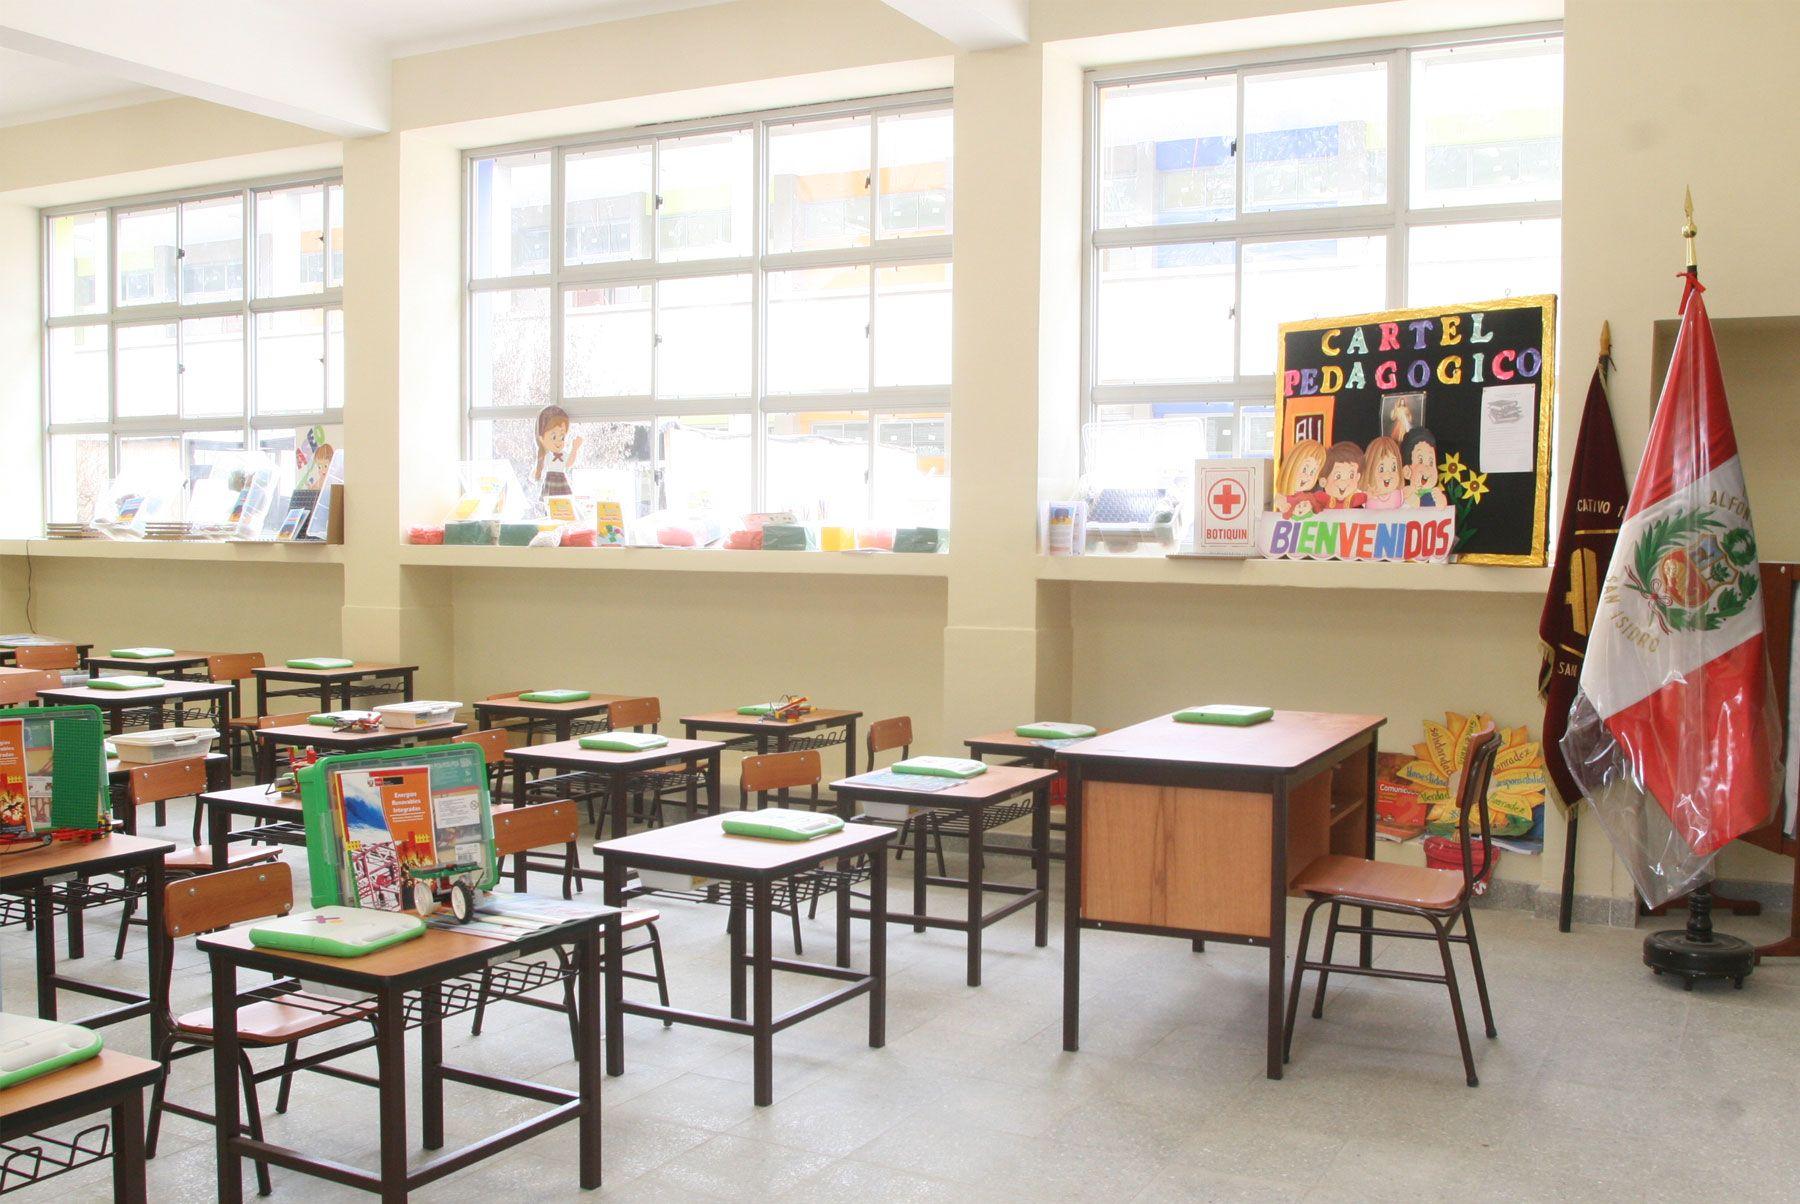 Se suspende clases en turnos tarde y noche en colegios del litoral peruano. Foto: Andina/Archivo